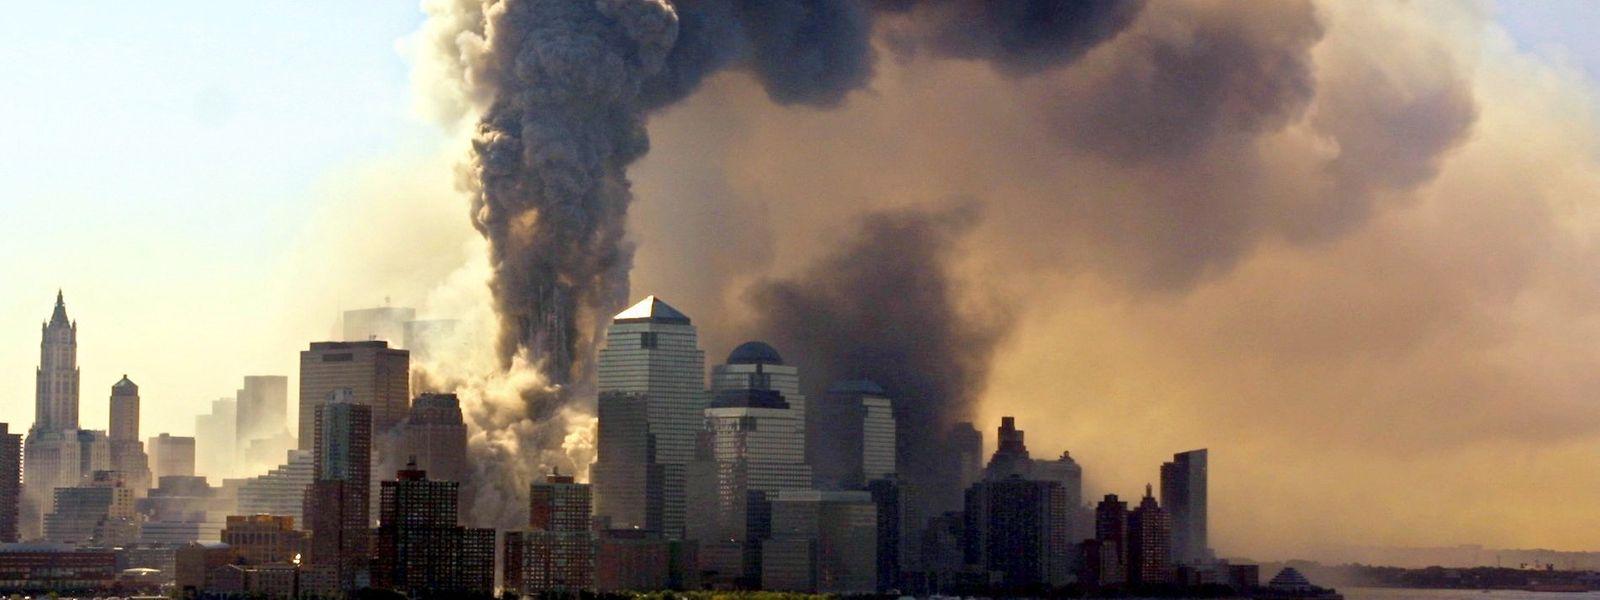 Das Archivbild vom 11.09.2001 zeigt die Südspitze von Manhatten mit den einstürzenden Türmen des World Trade Centers in New York, in die Terroristen zuvor Verkehrsflugzeuge gelenkt hatten.